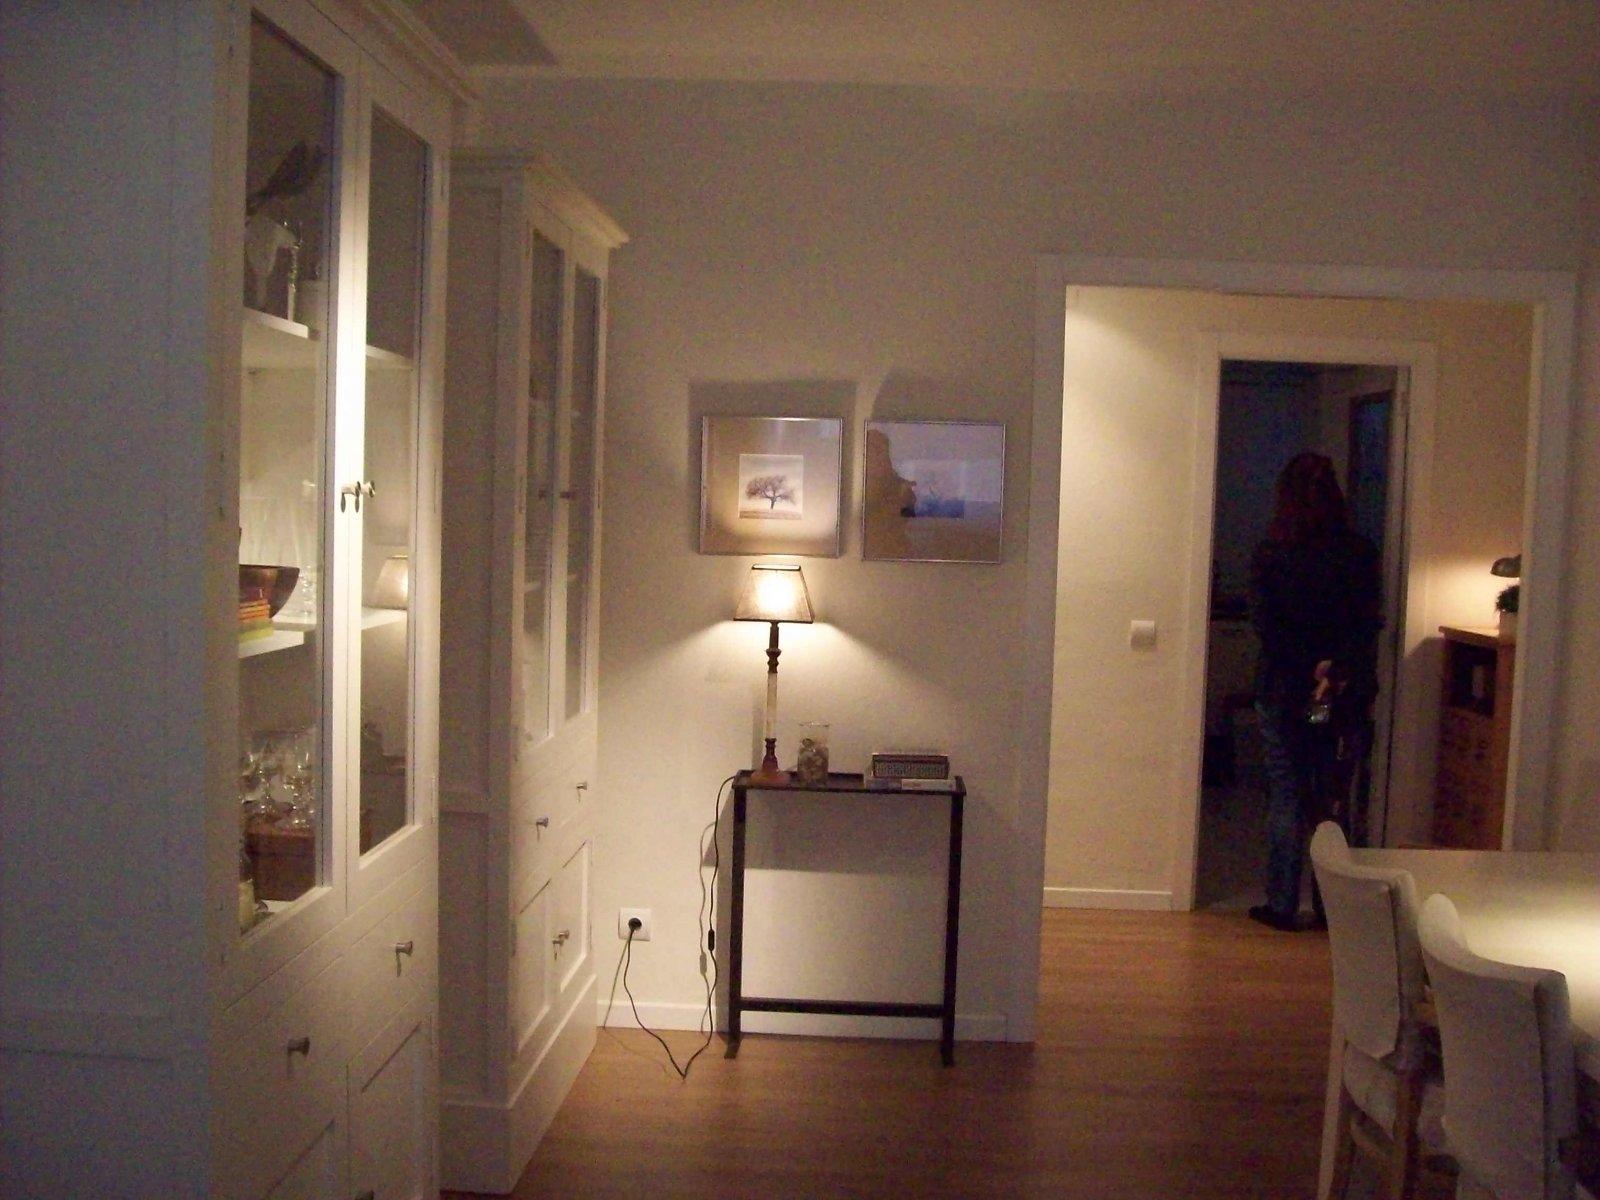 El antes y despu s de un sal n comedor decoraci n del hogar for Decoracion salon comedor moderno fotos